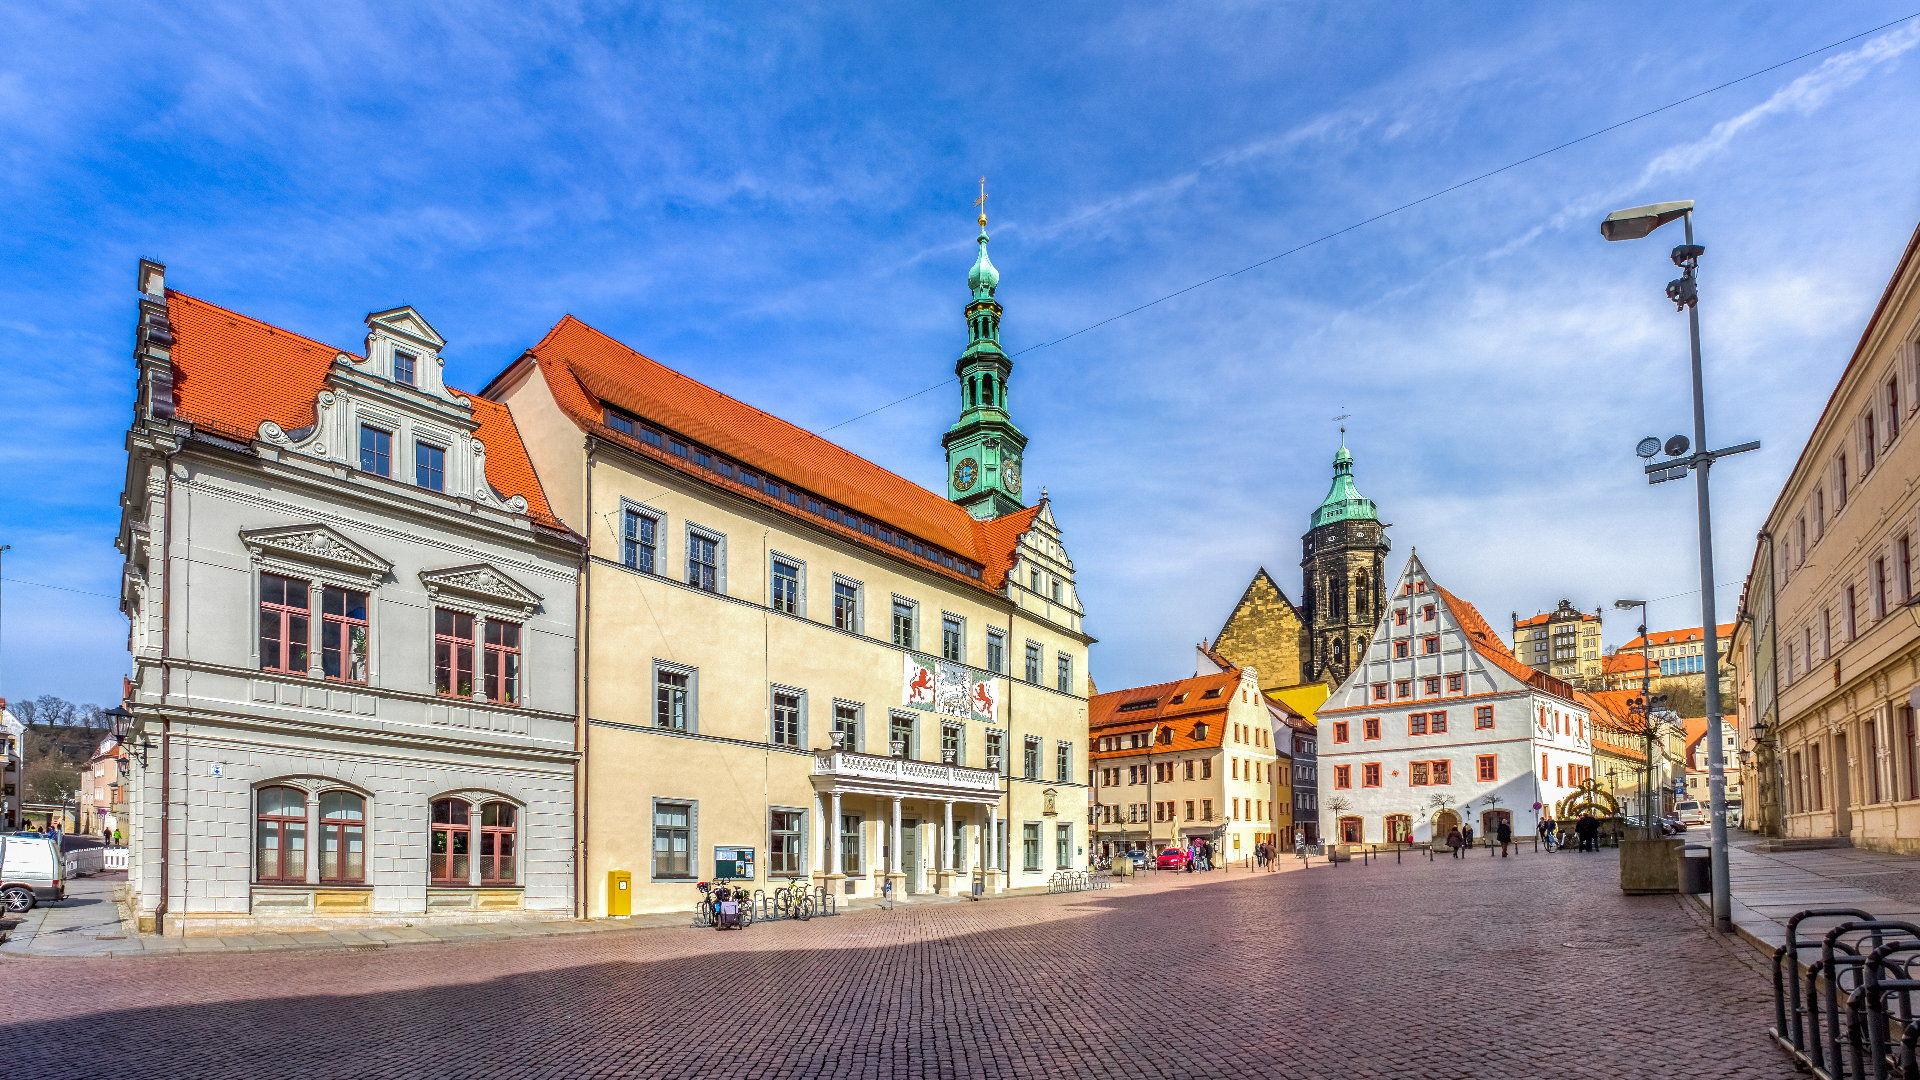 Pirna průvodce městem a obchody (Kaufland, Volksbank, atd.)